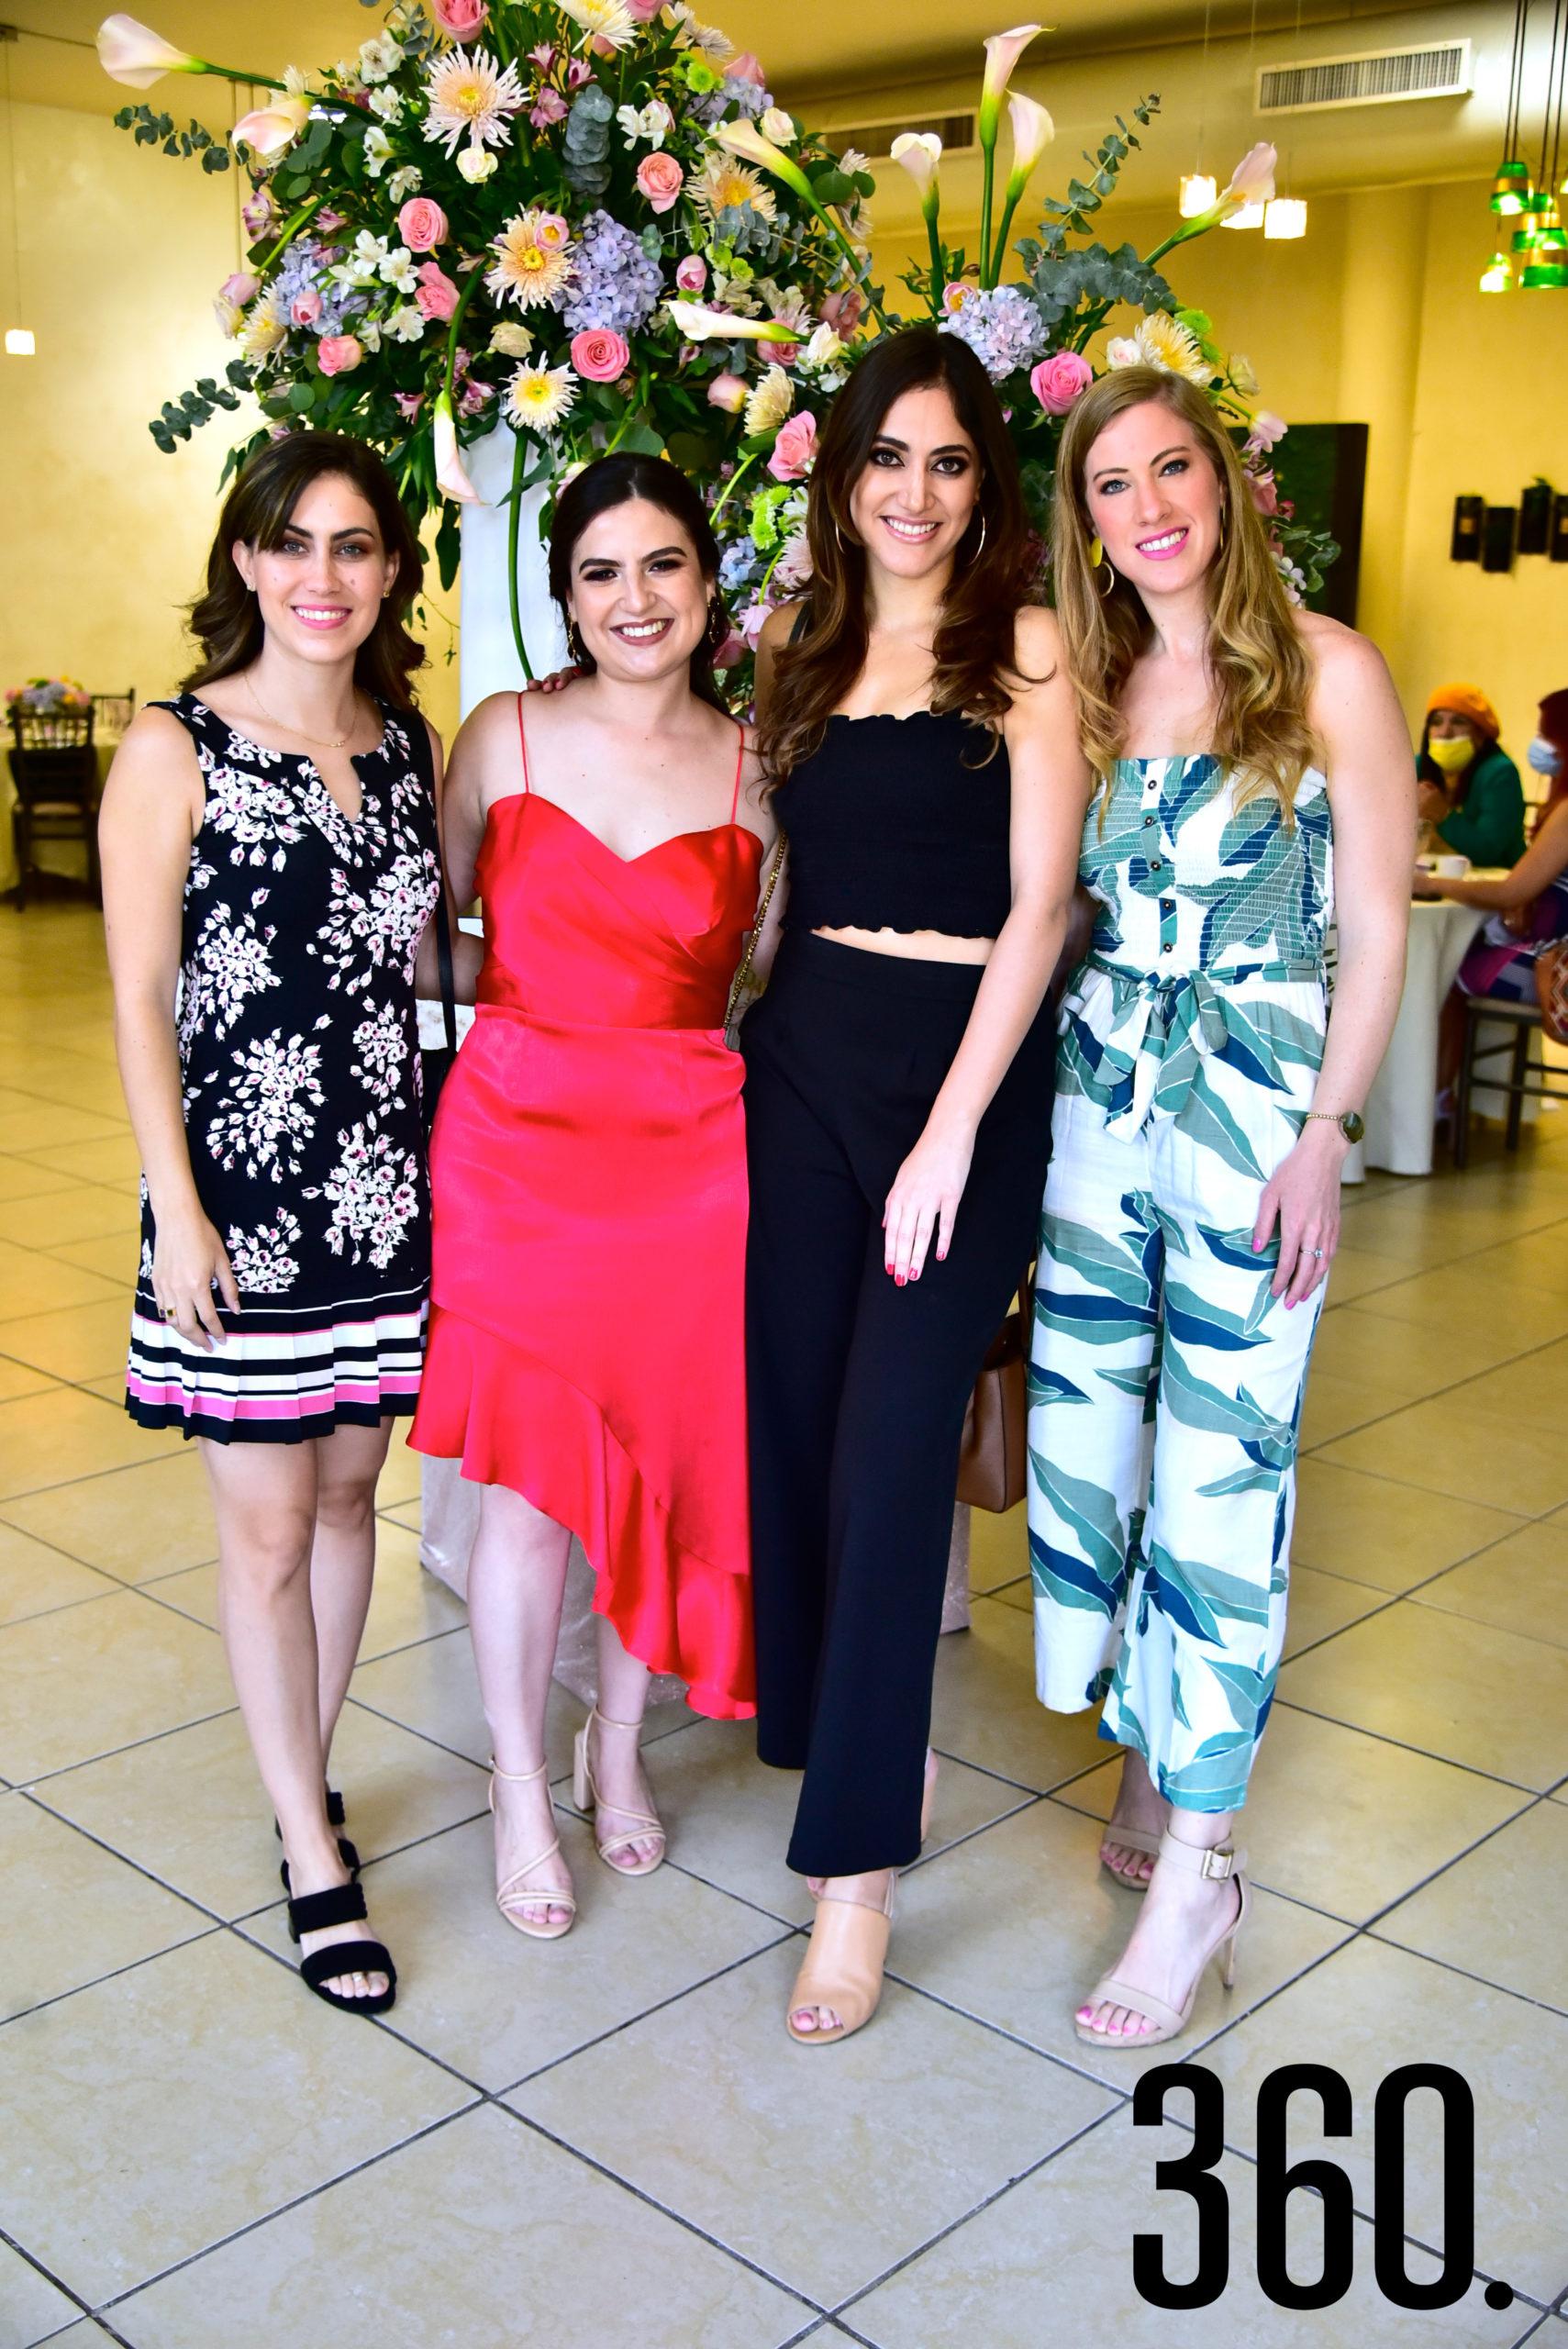 Marimar Treviño, Ana Sofía Saucedo, Rosa Claudia Rodríguez y Carolina Cárdenas.